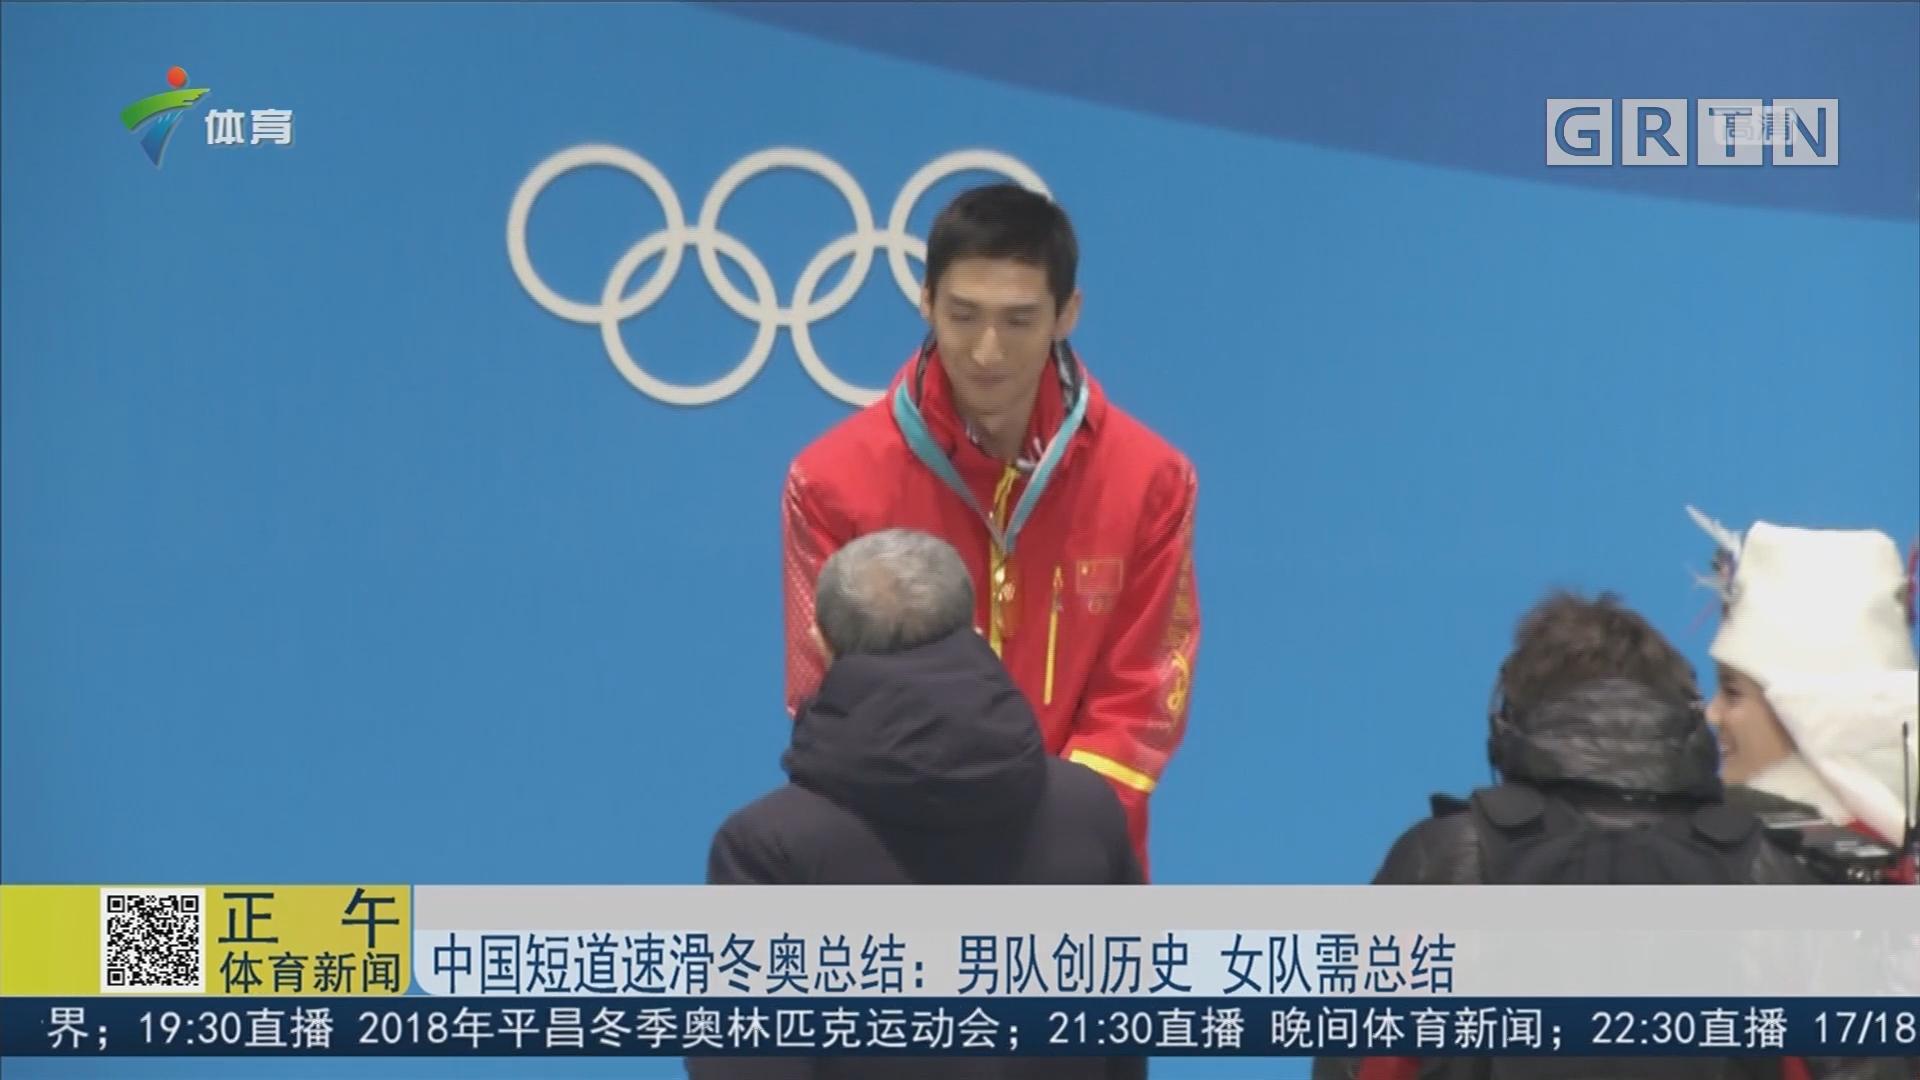 中国短道速滑冬奥总结:男队创历史 女队需总结